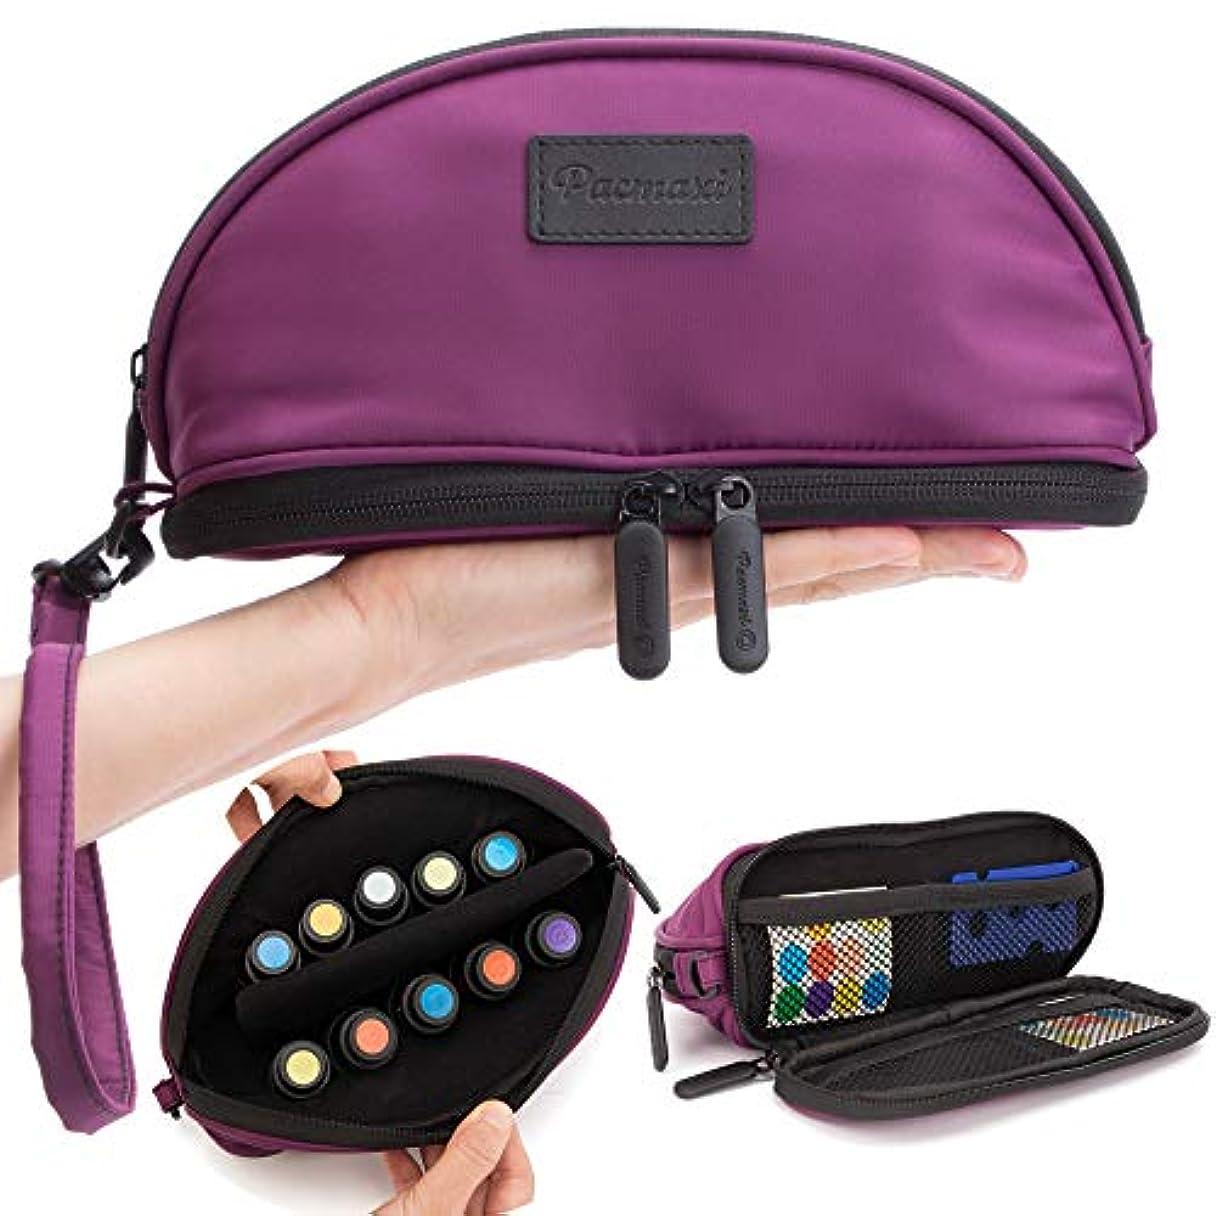 自動フレキシブル税金[Pacmaxi]エッセンシャルオイル 収納ポーチ 携帯便利 旅行 10本収納(5ml - 15ml) ナイロン製 撥水加工 ストラップあり (パープル)